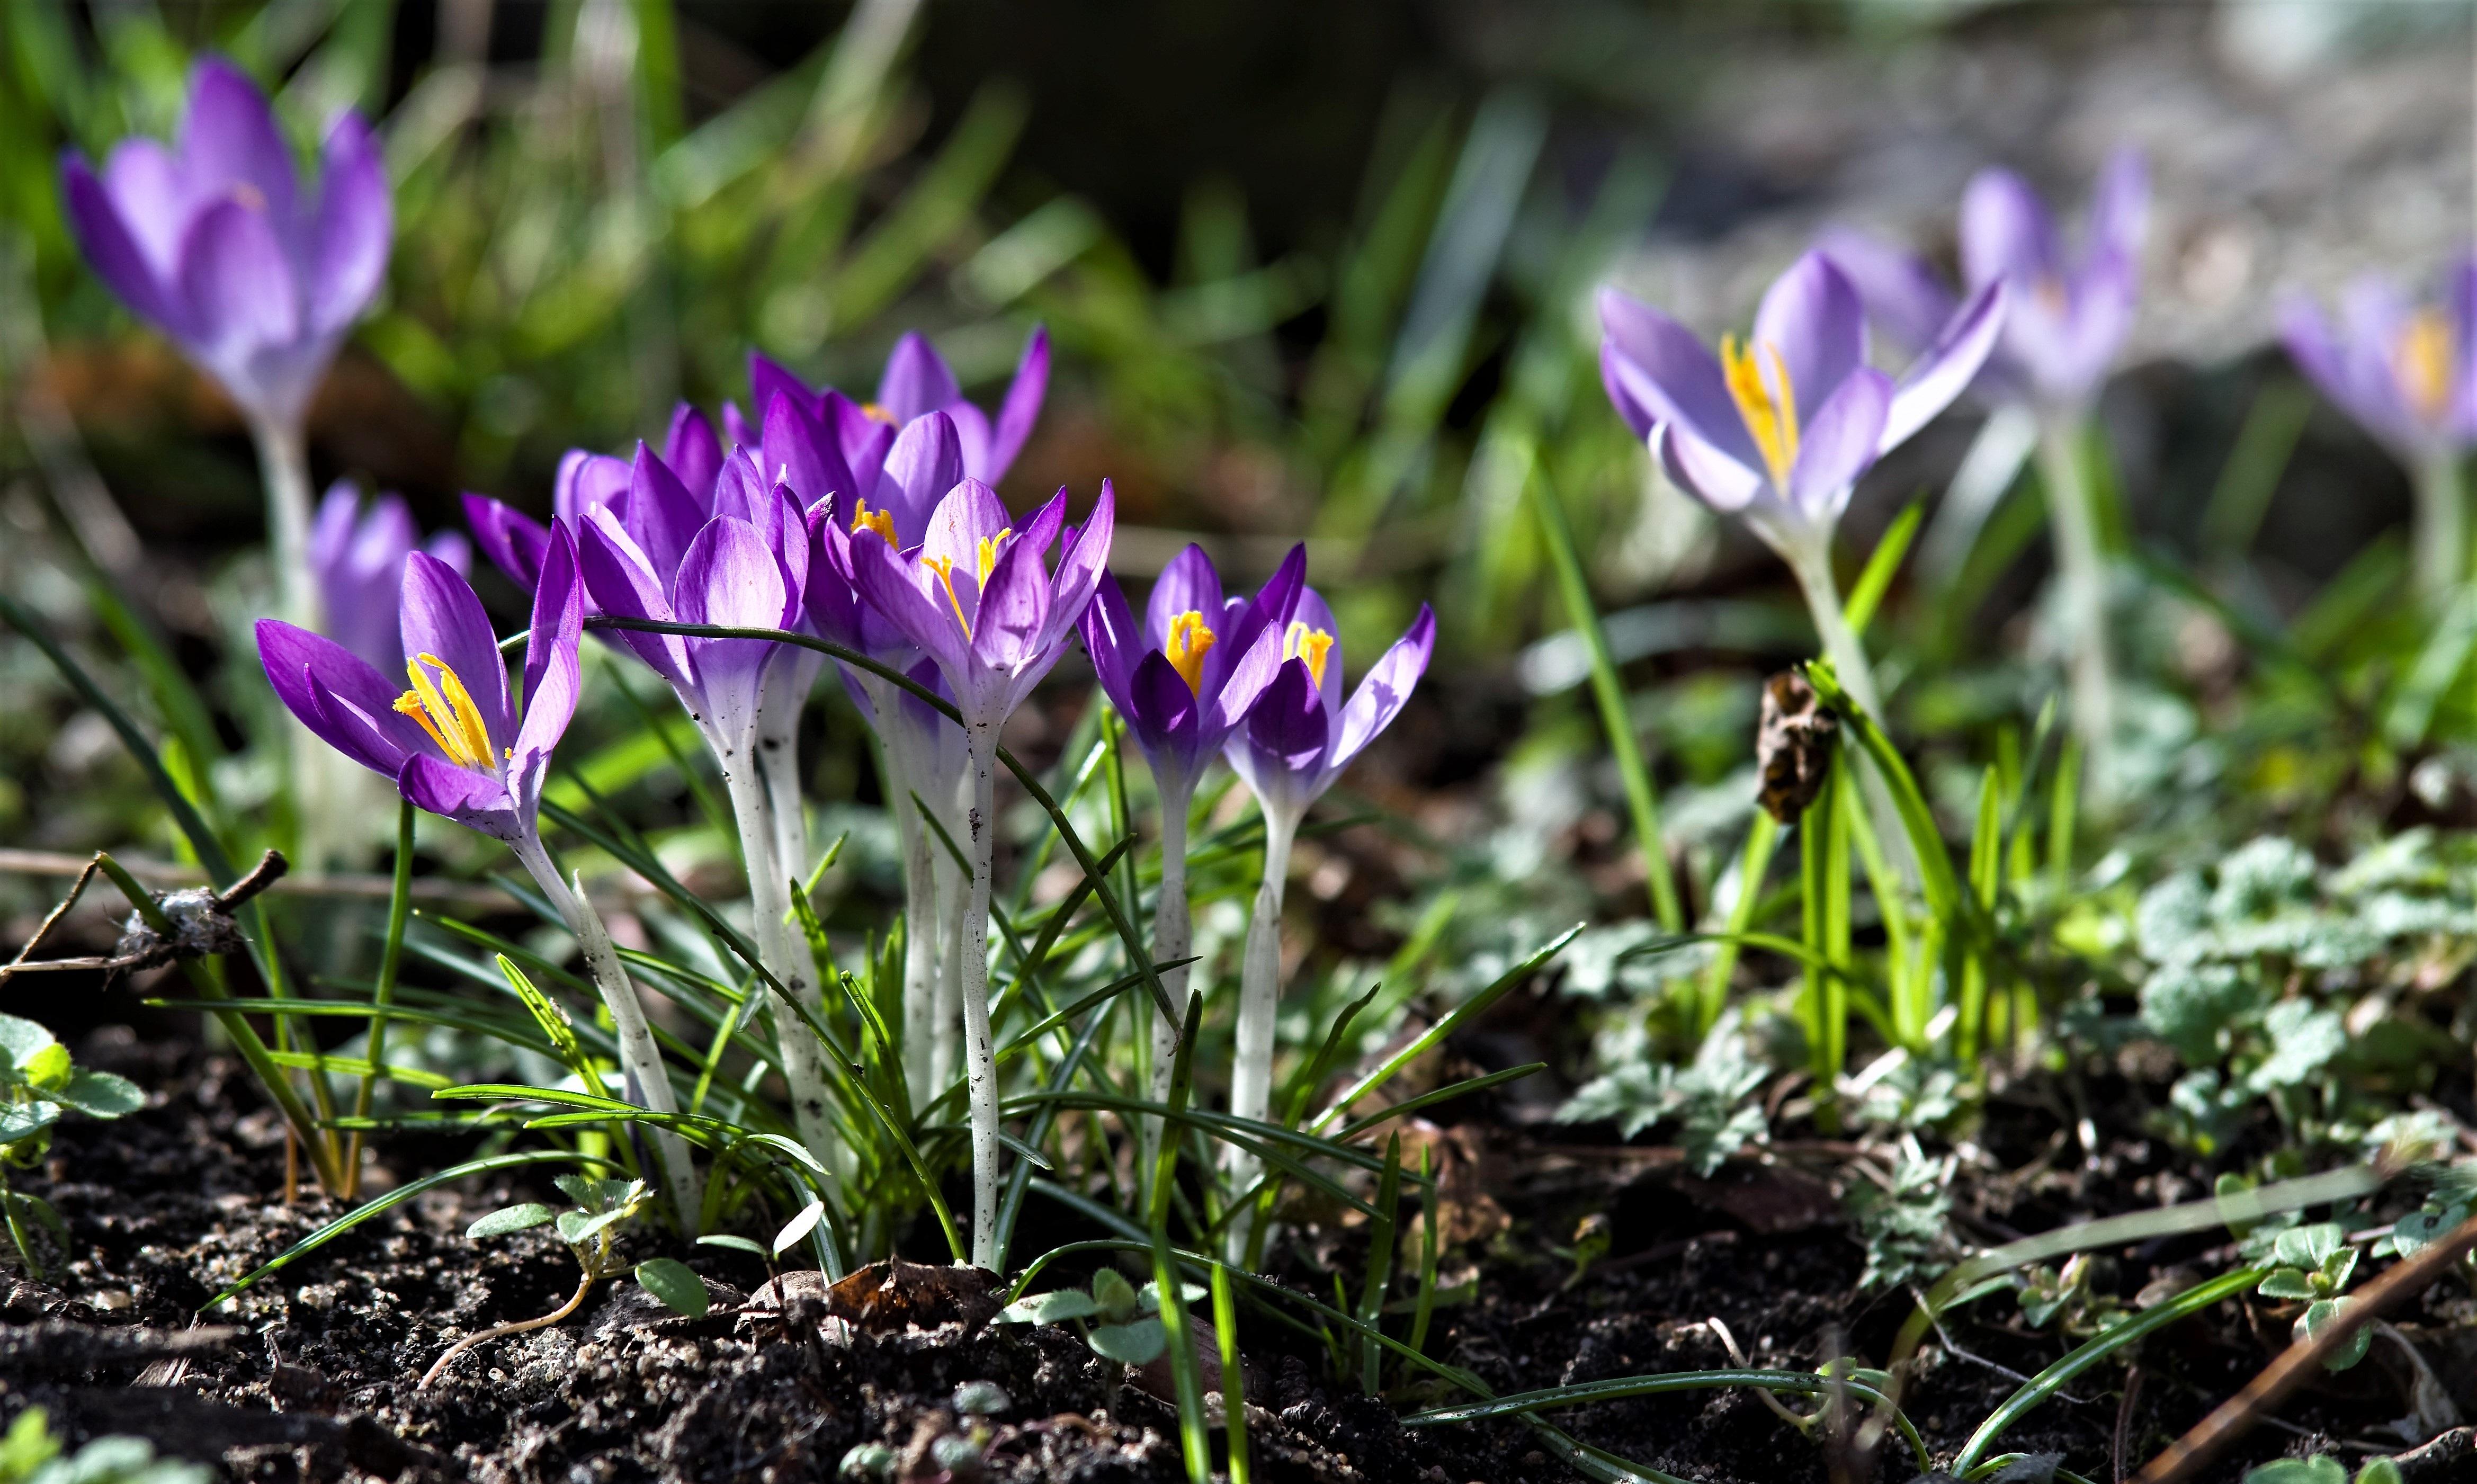 открытки расцветающее растение весной фото цветами смайлик